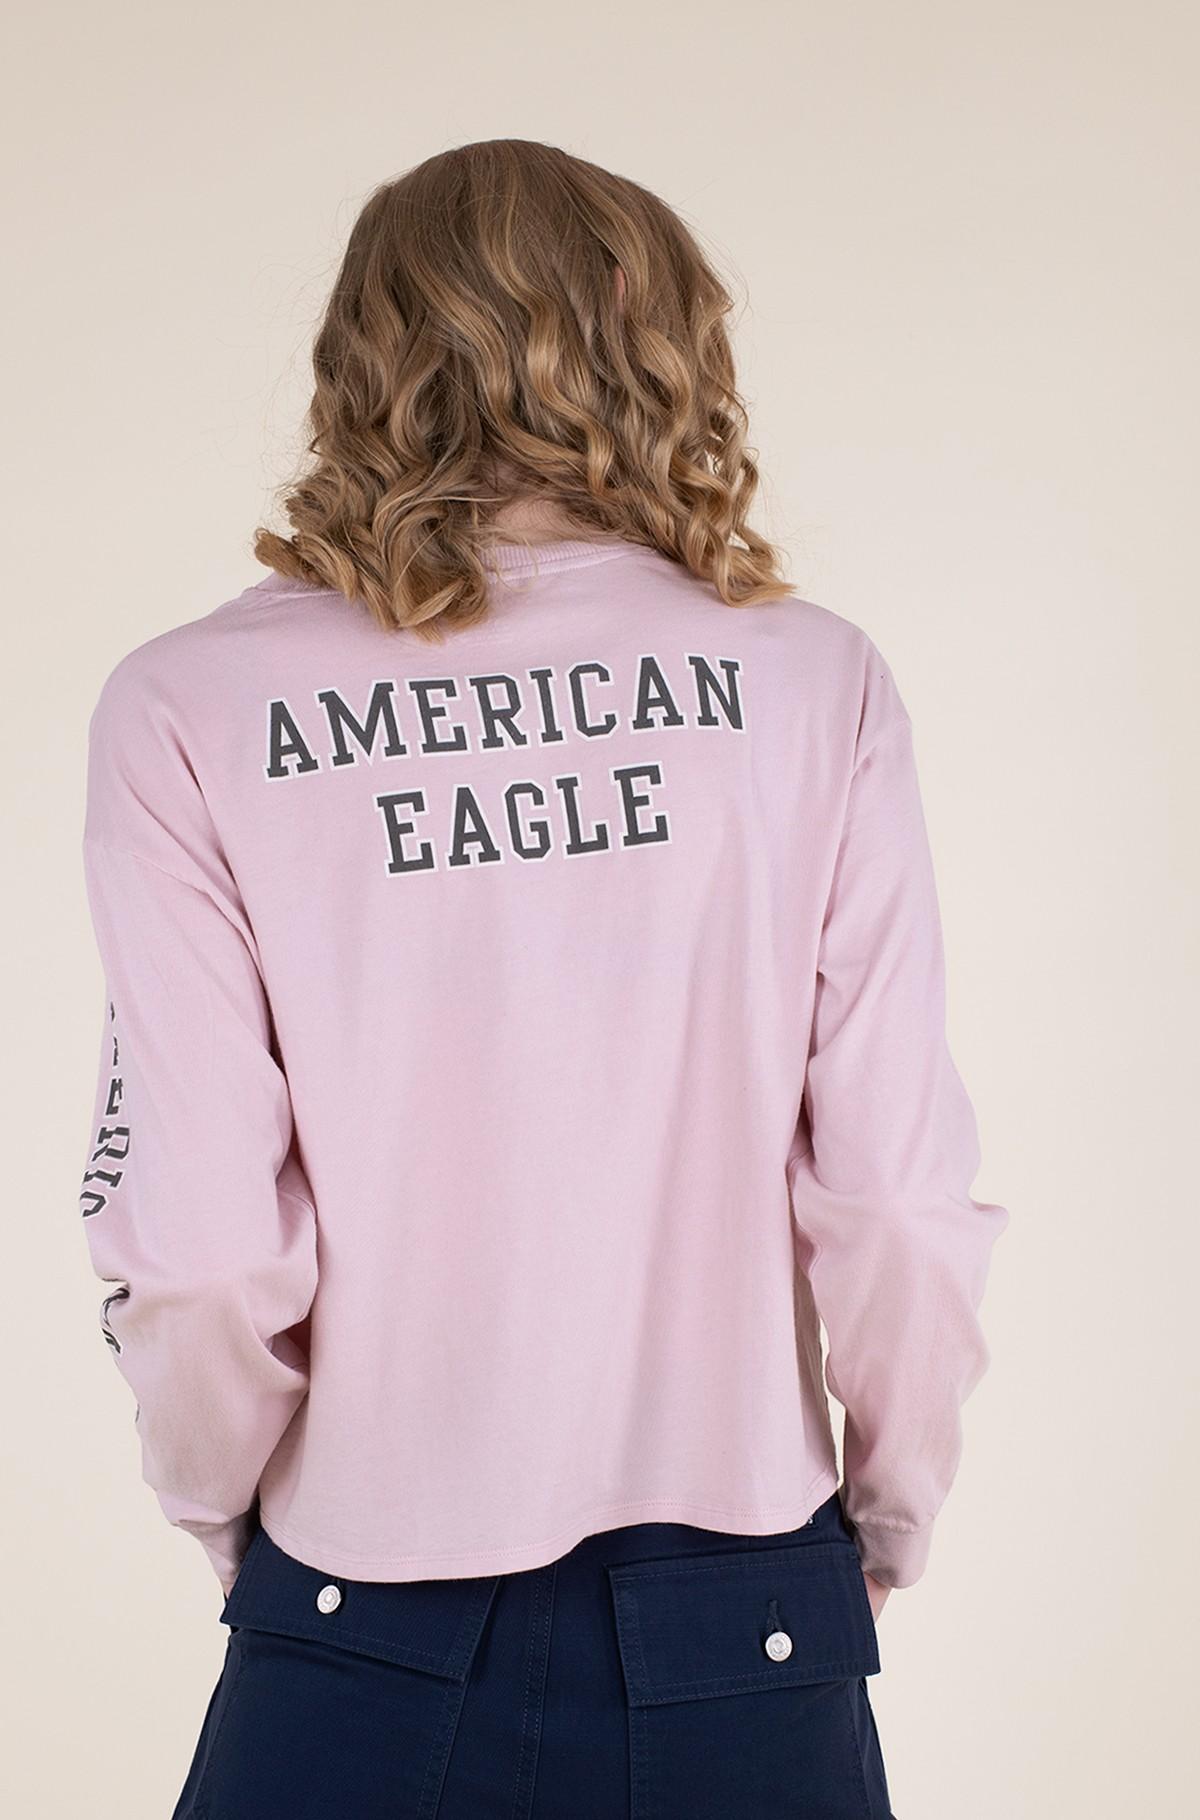 T-krekls ar garām piedurknēm  030-1305-9904-full-3